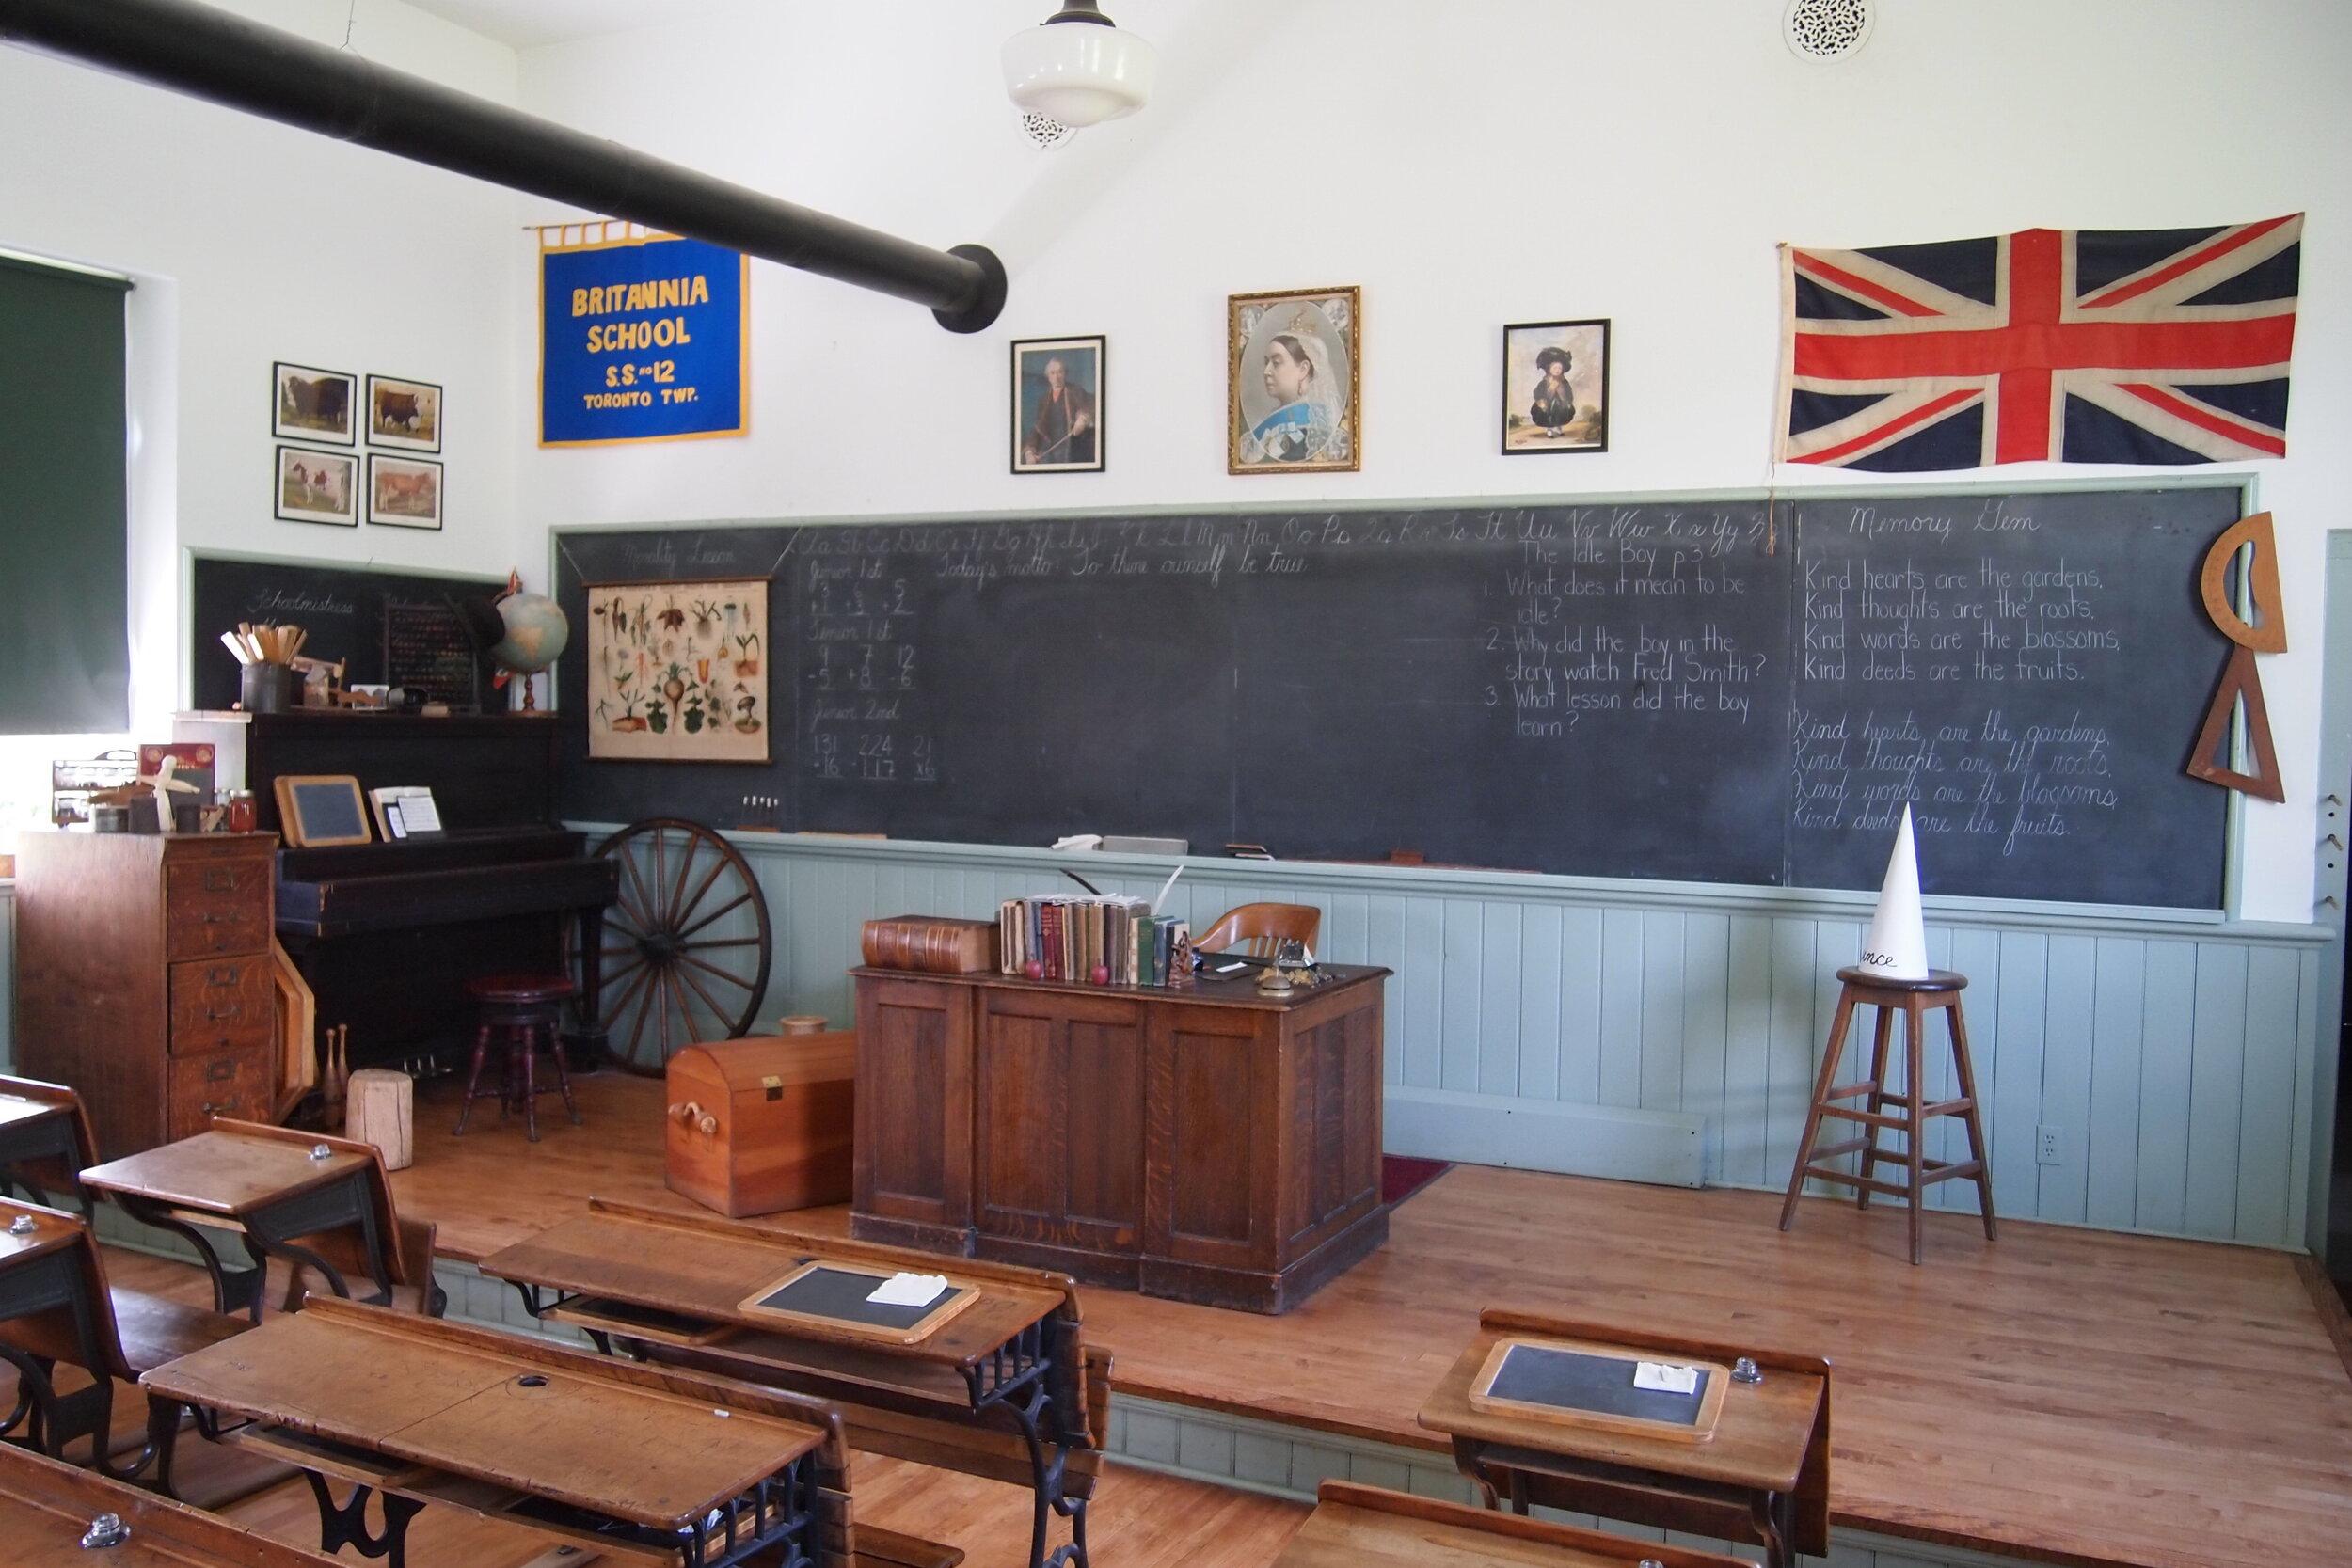 Interiror of the Britannia Schoolhouse.JPG